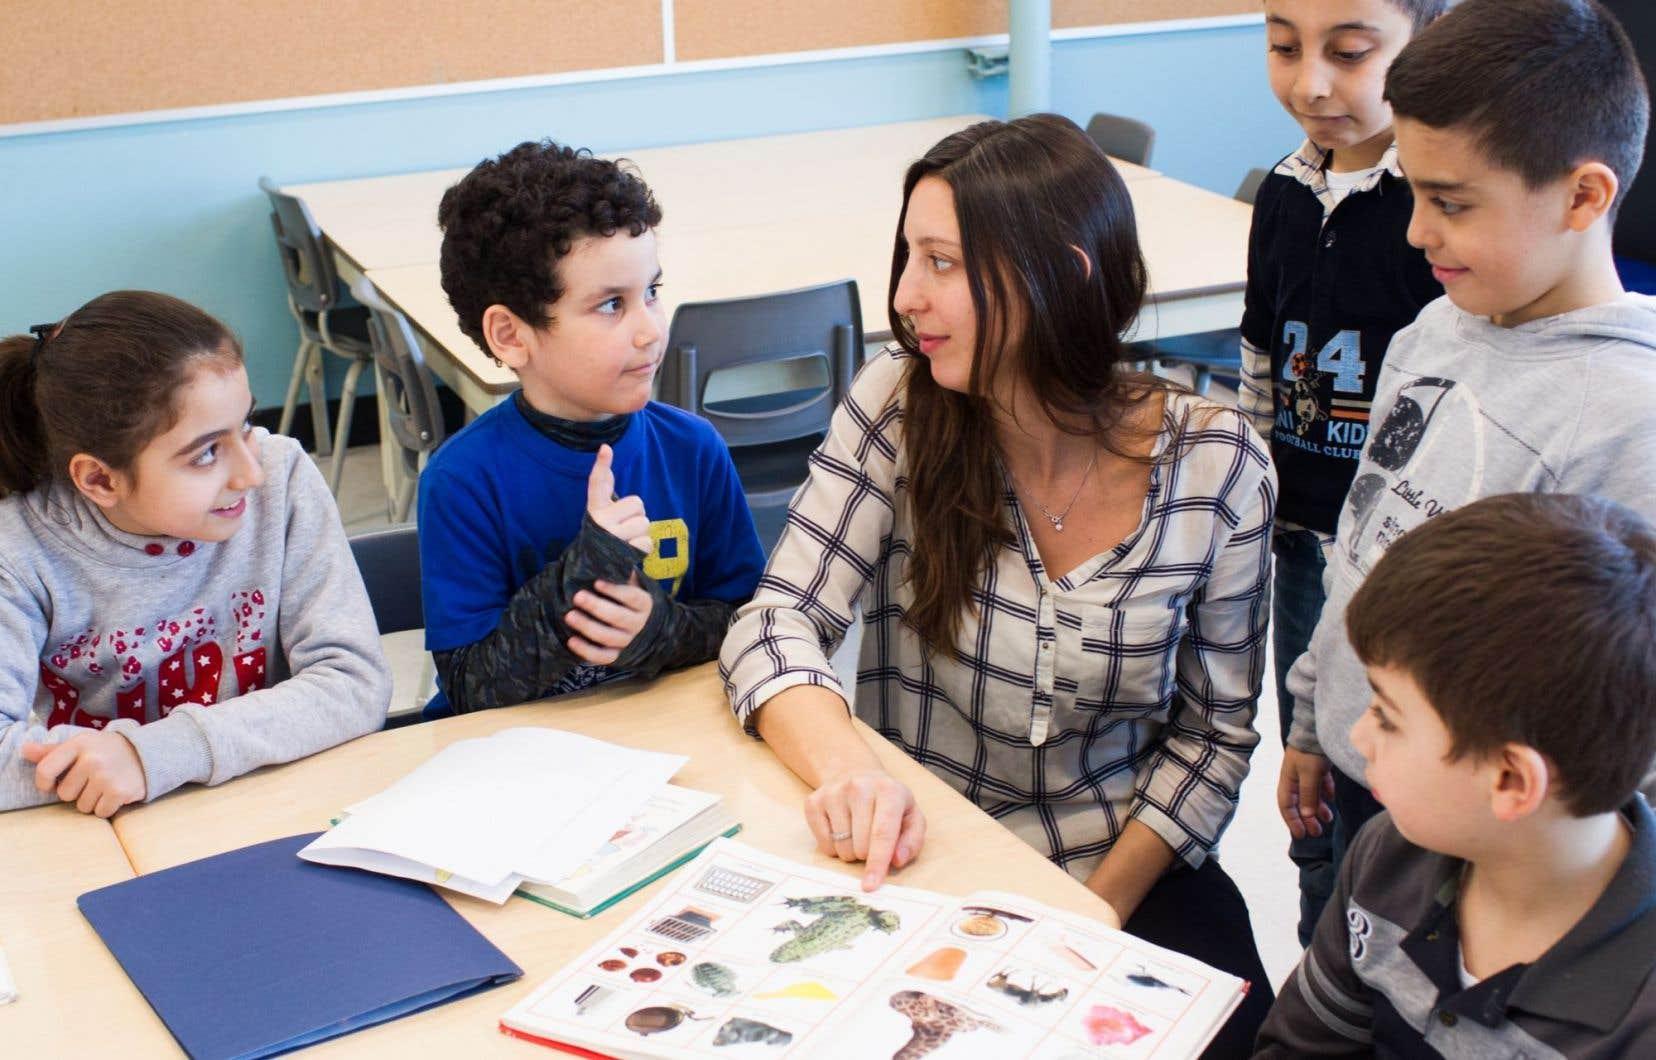 Selon les données de la CSDM, plus de 3000 élèves fréquentent les classes spéciales destinées aux élèves non francophones.